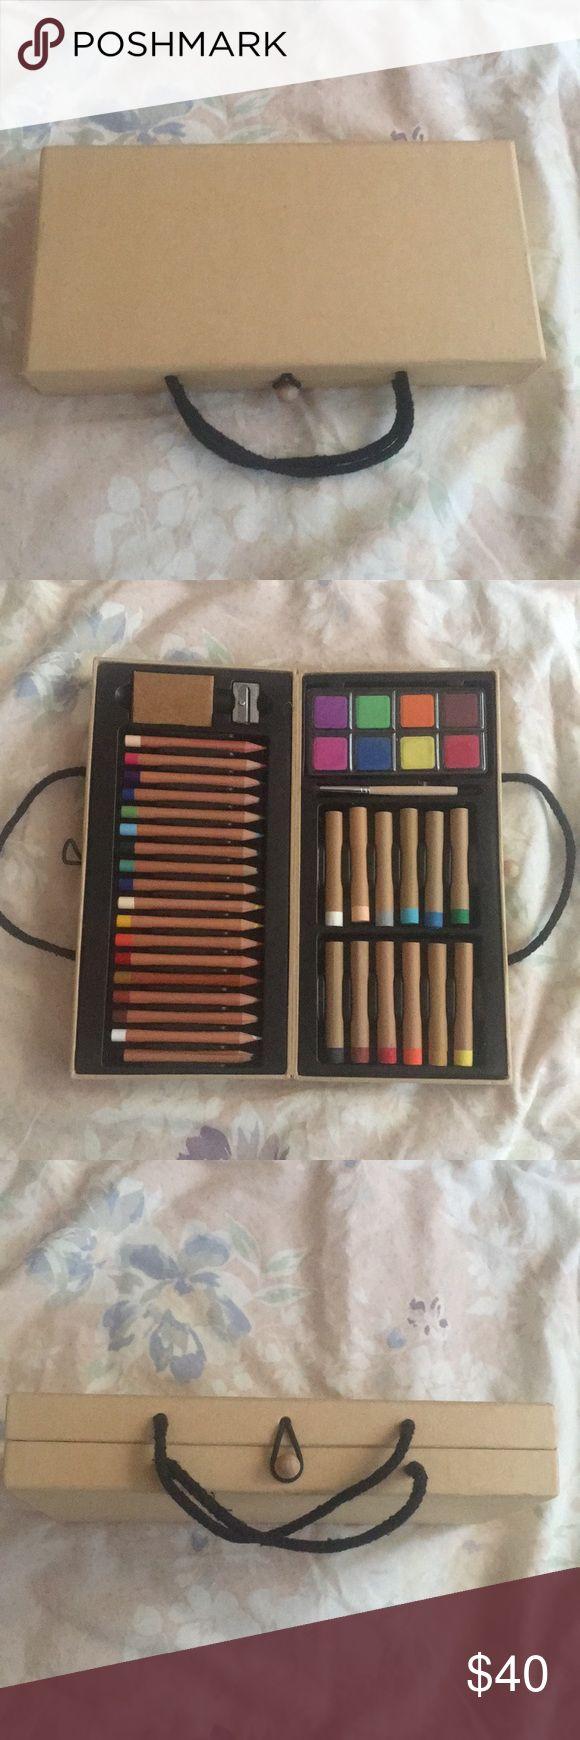 Art set pastels color pencils paint eraser Brand New never